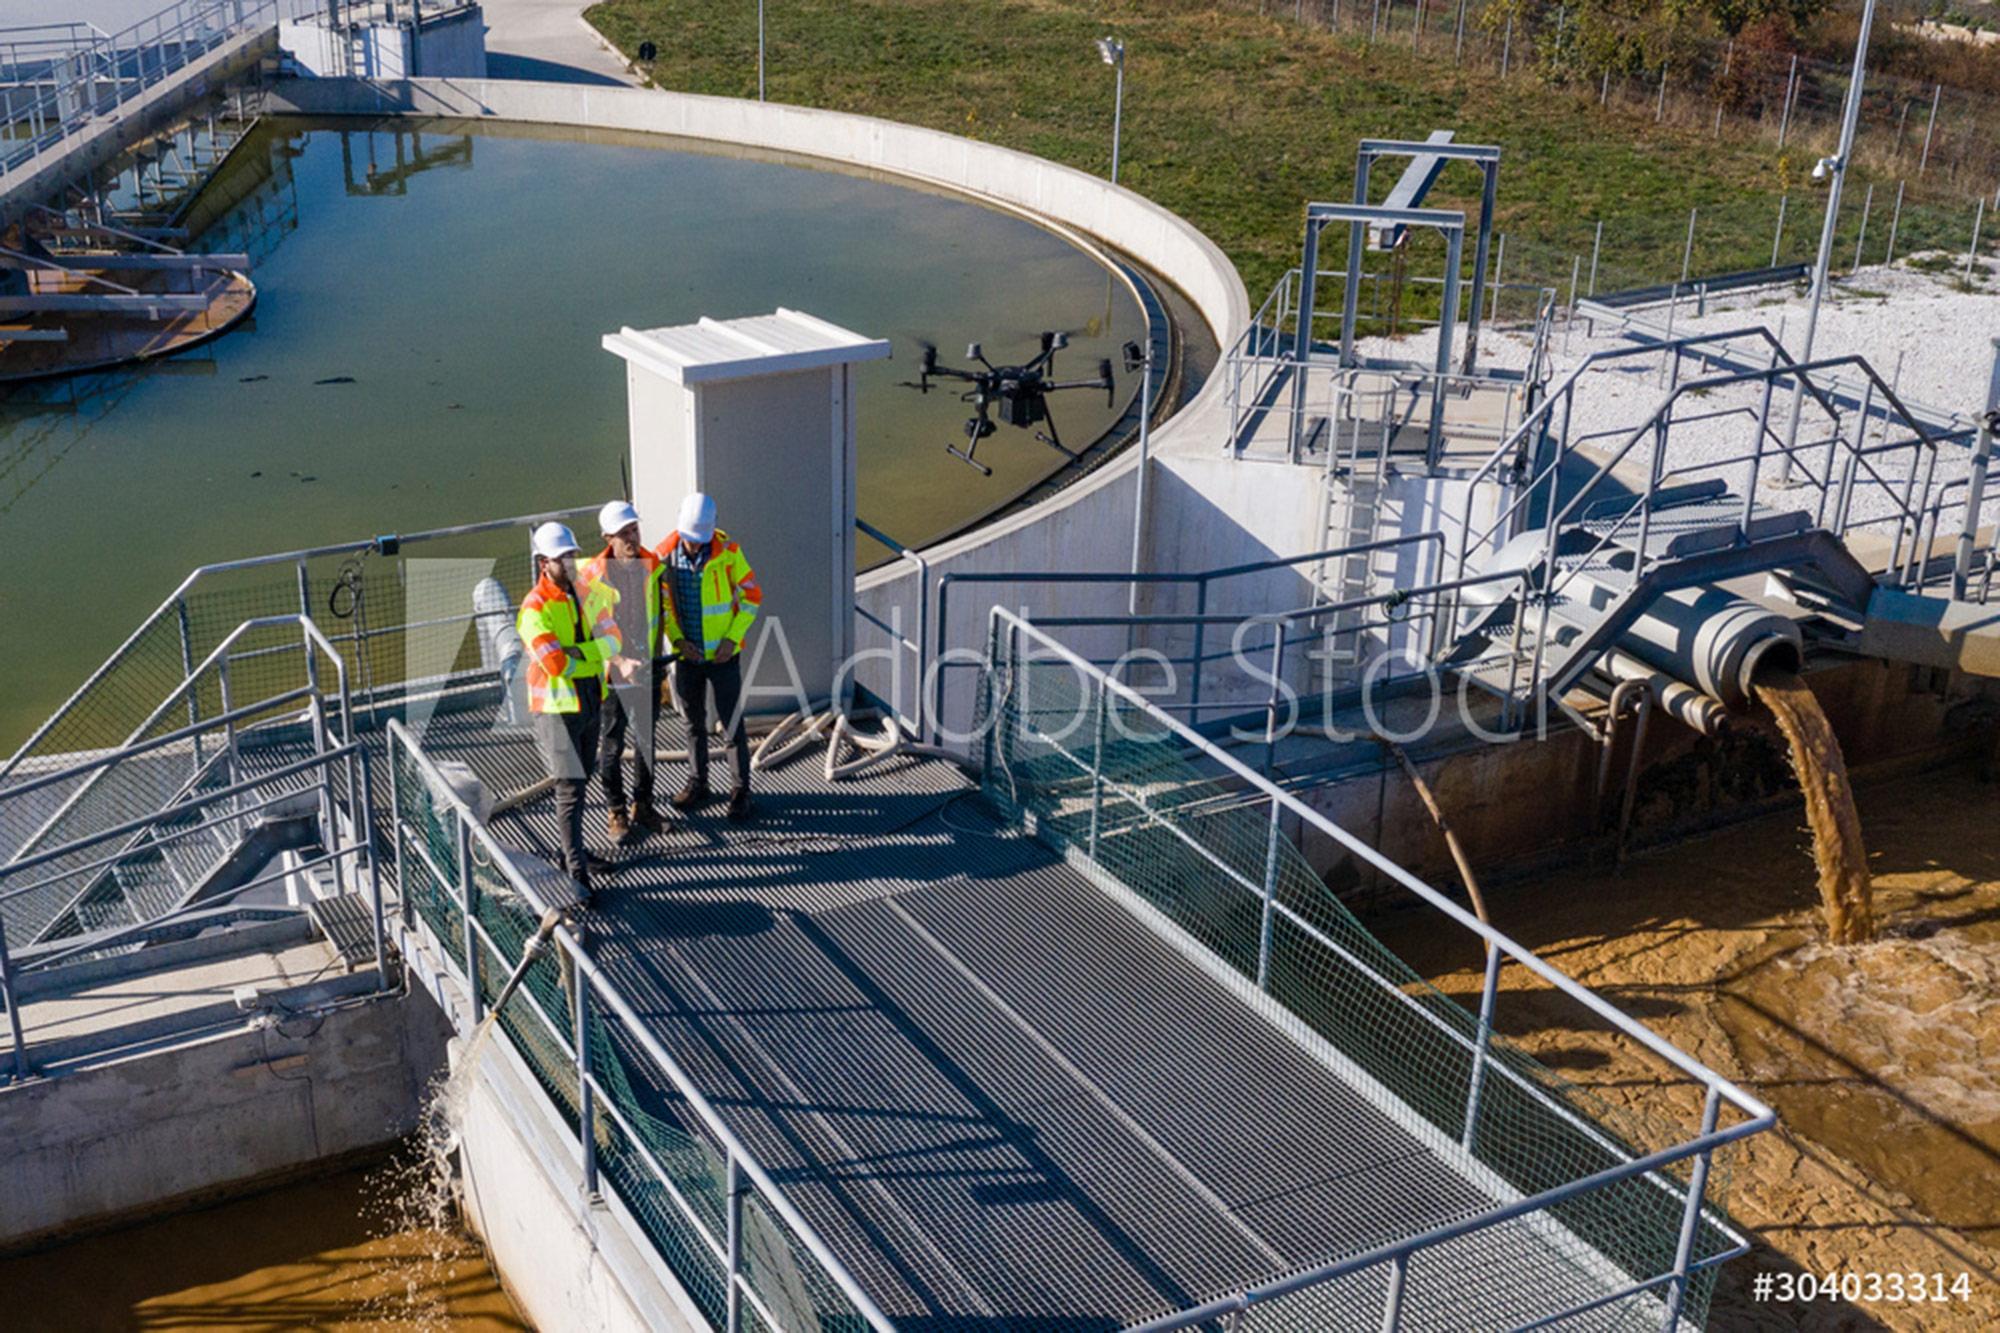 Wastewater Operator Jobs – An Interview with Kristen Pinciak